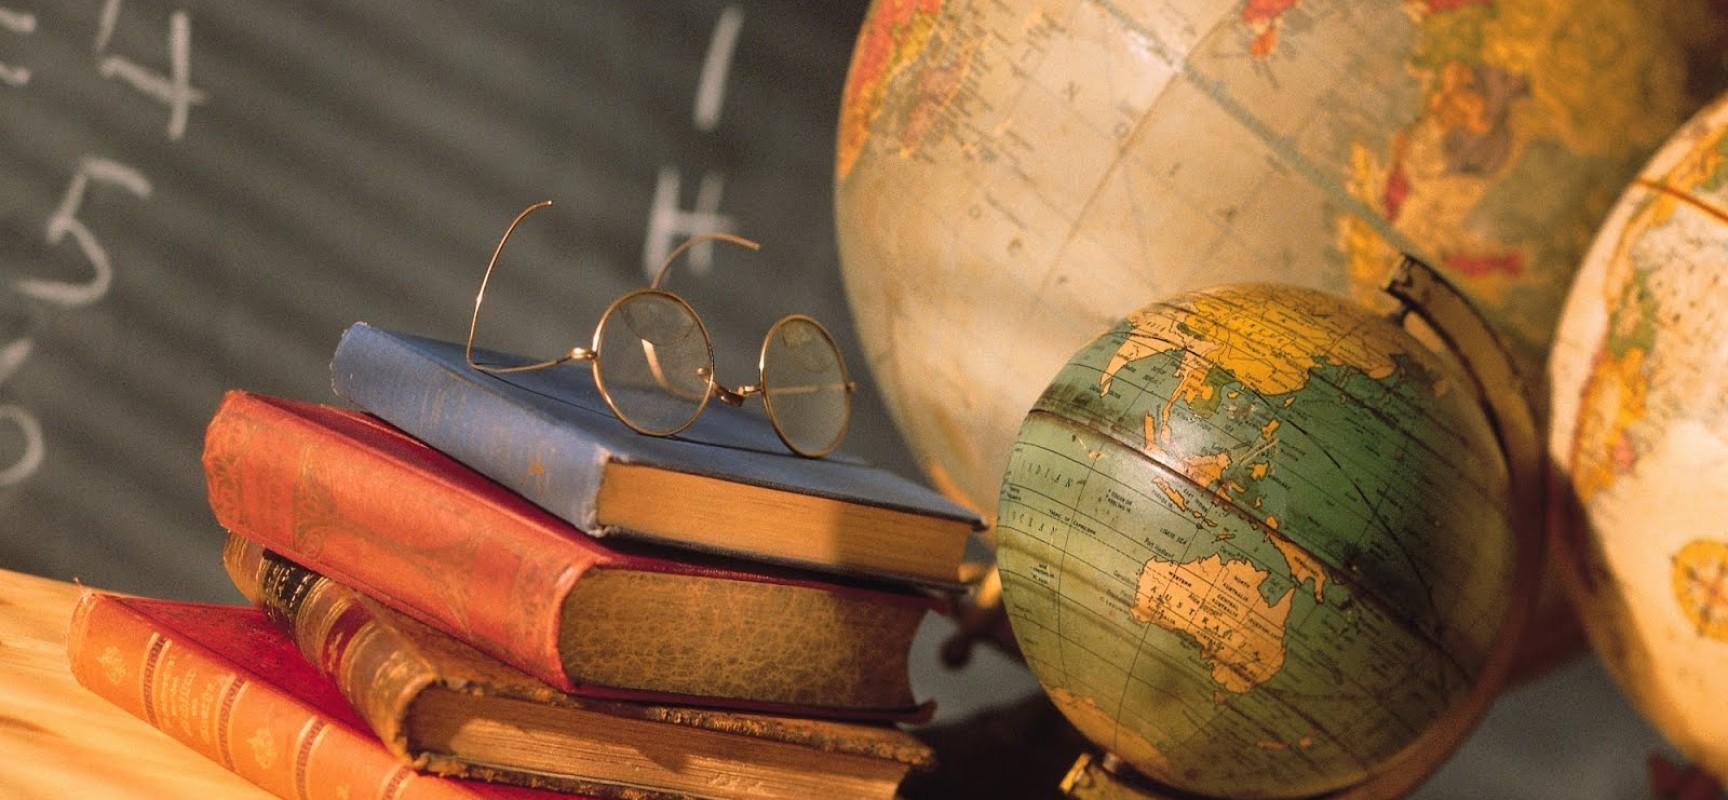 Сведения об образовании в трудовой книжке: образец